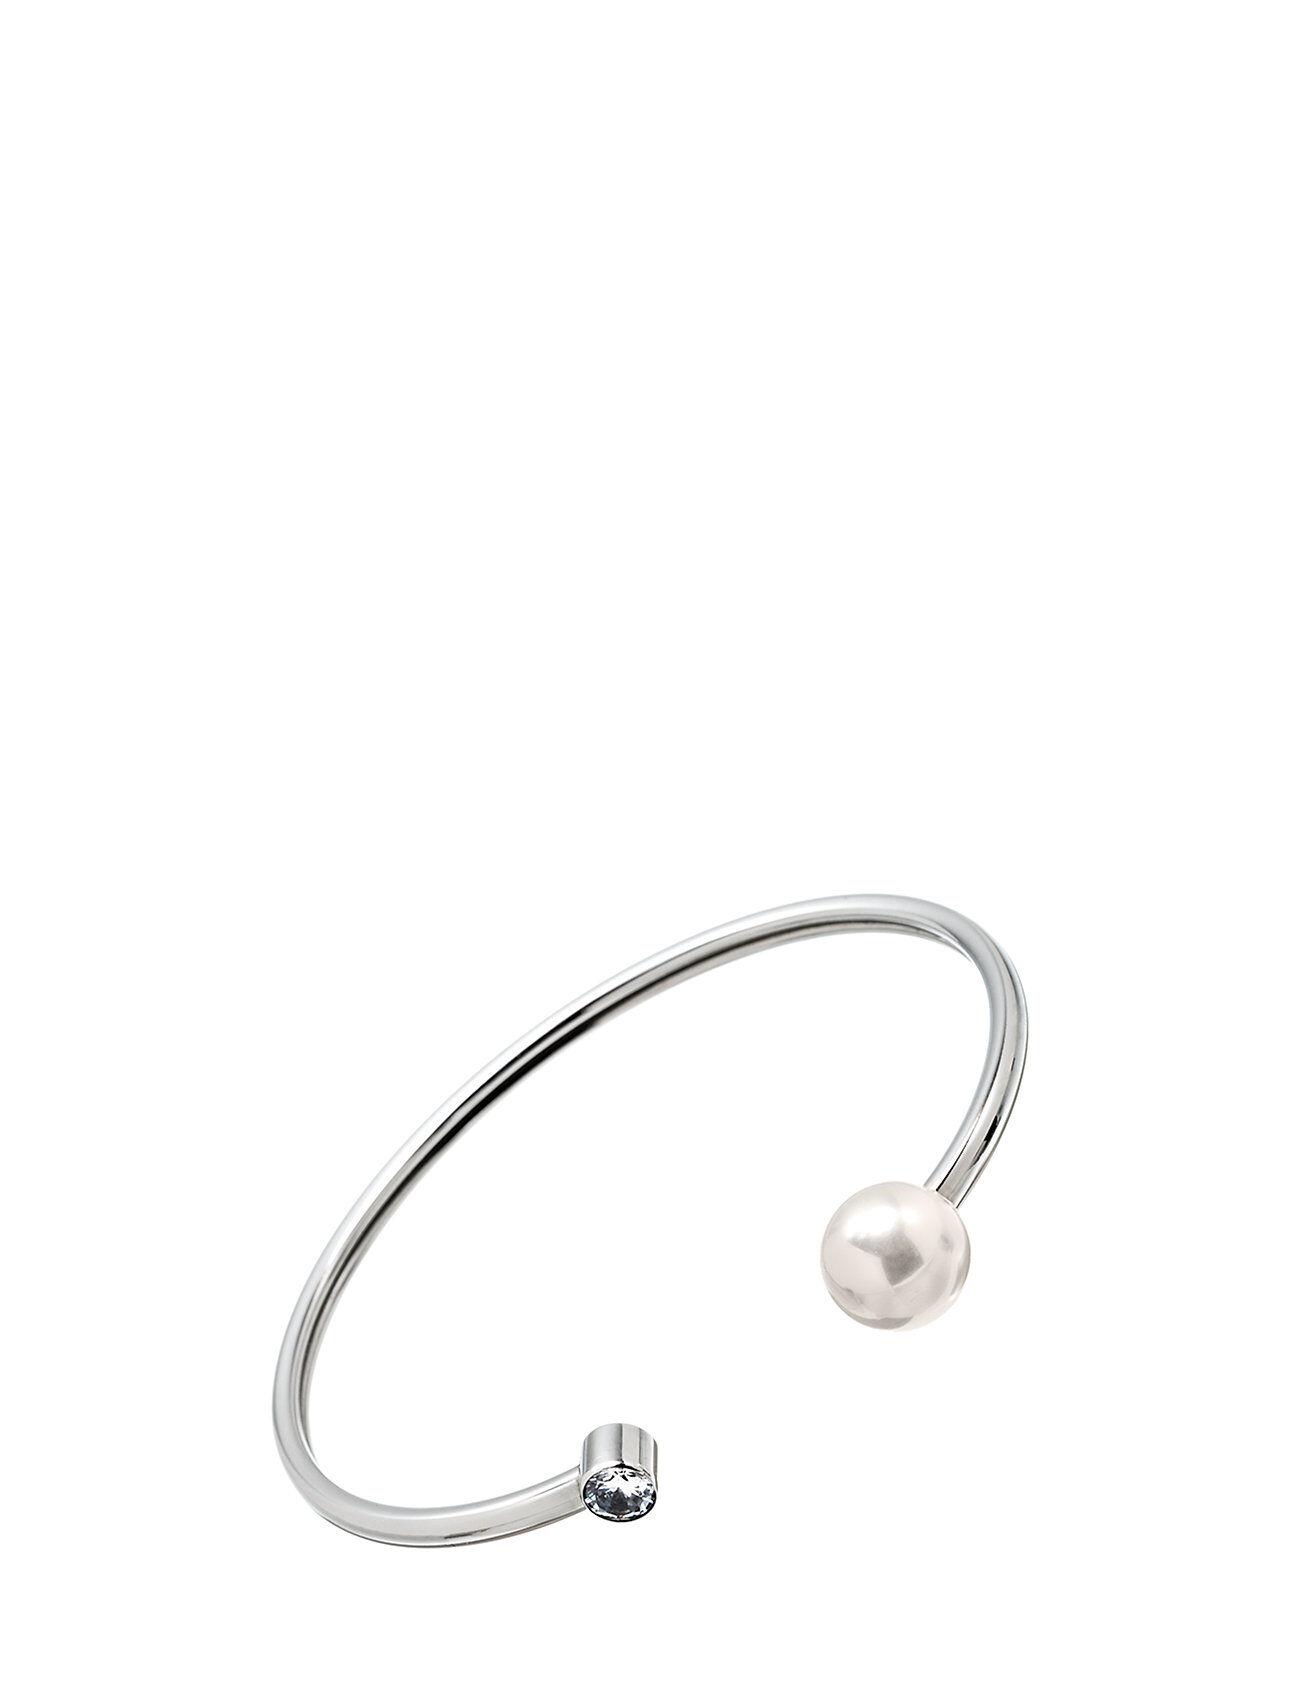 Edblad Luna Bracelet Steel Accessories Jewellery Bracelets Bangles Hopea Edblad